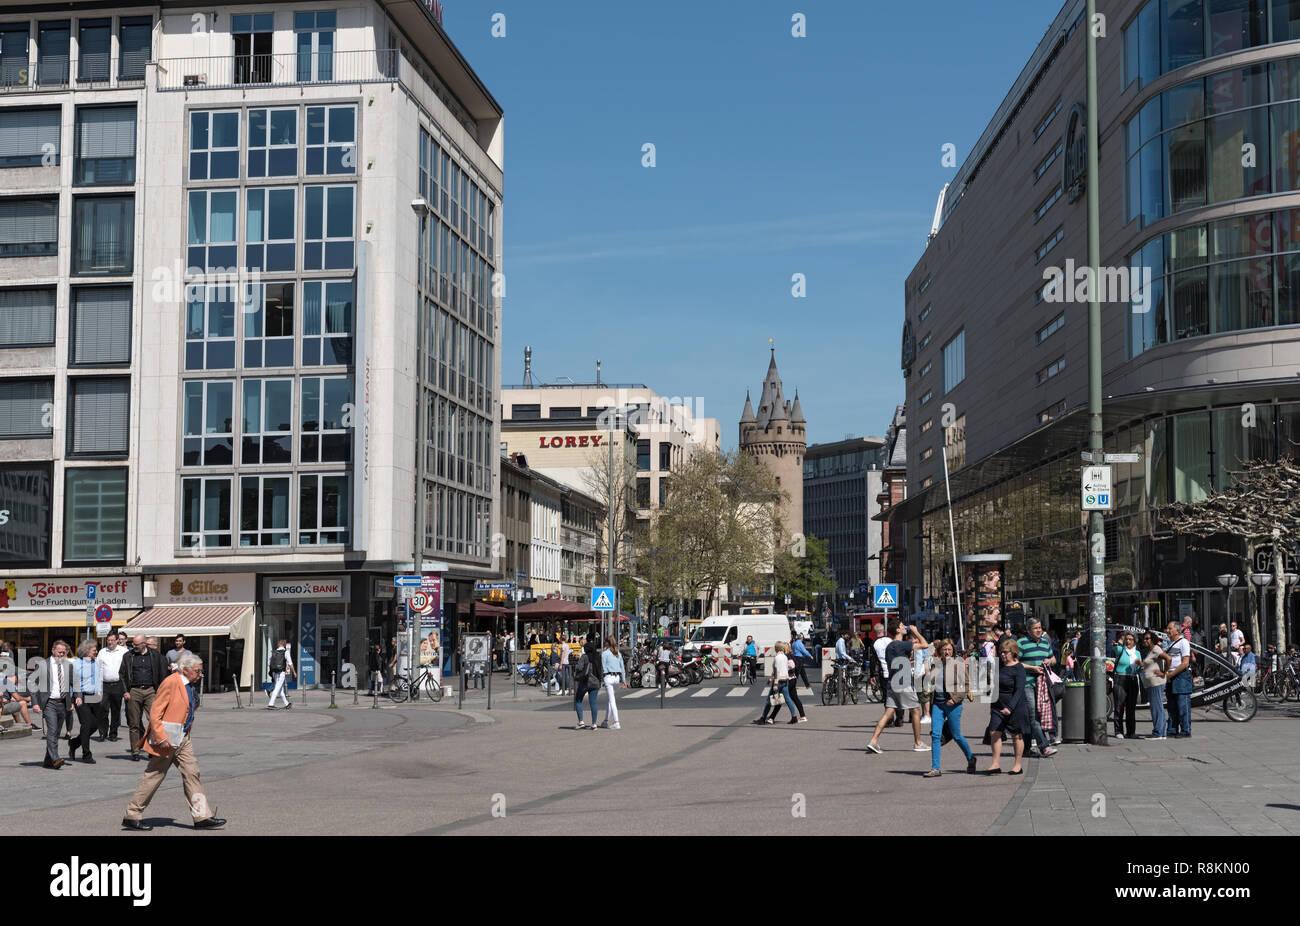 Les touristes et les habitants de marcher dans les rues commerçantes zeil, grosse eschenheimer, Frankfurt am Main, Allemagne Photo Stock